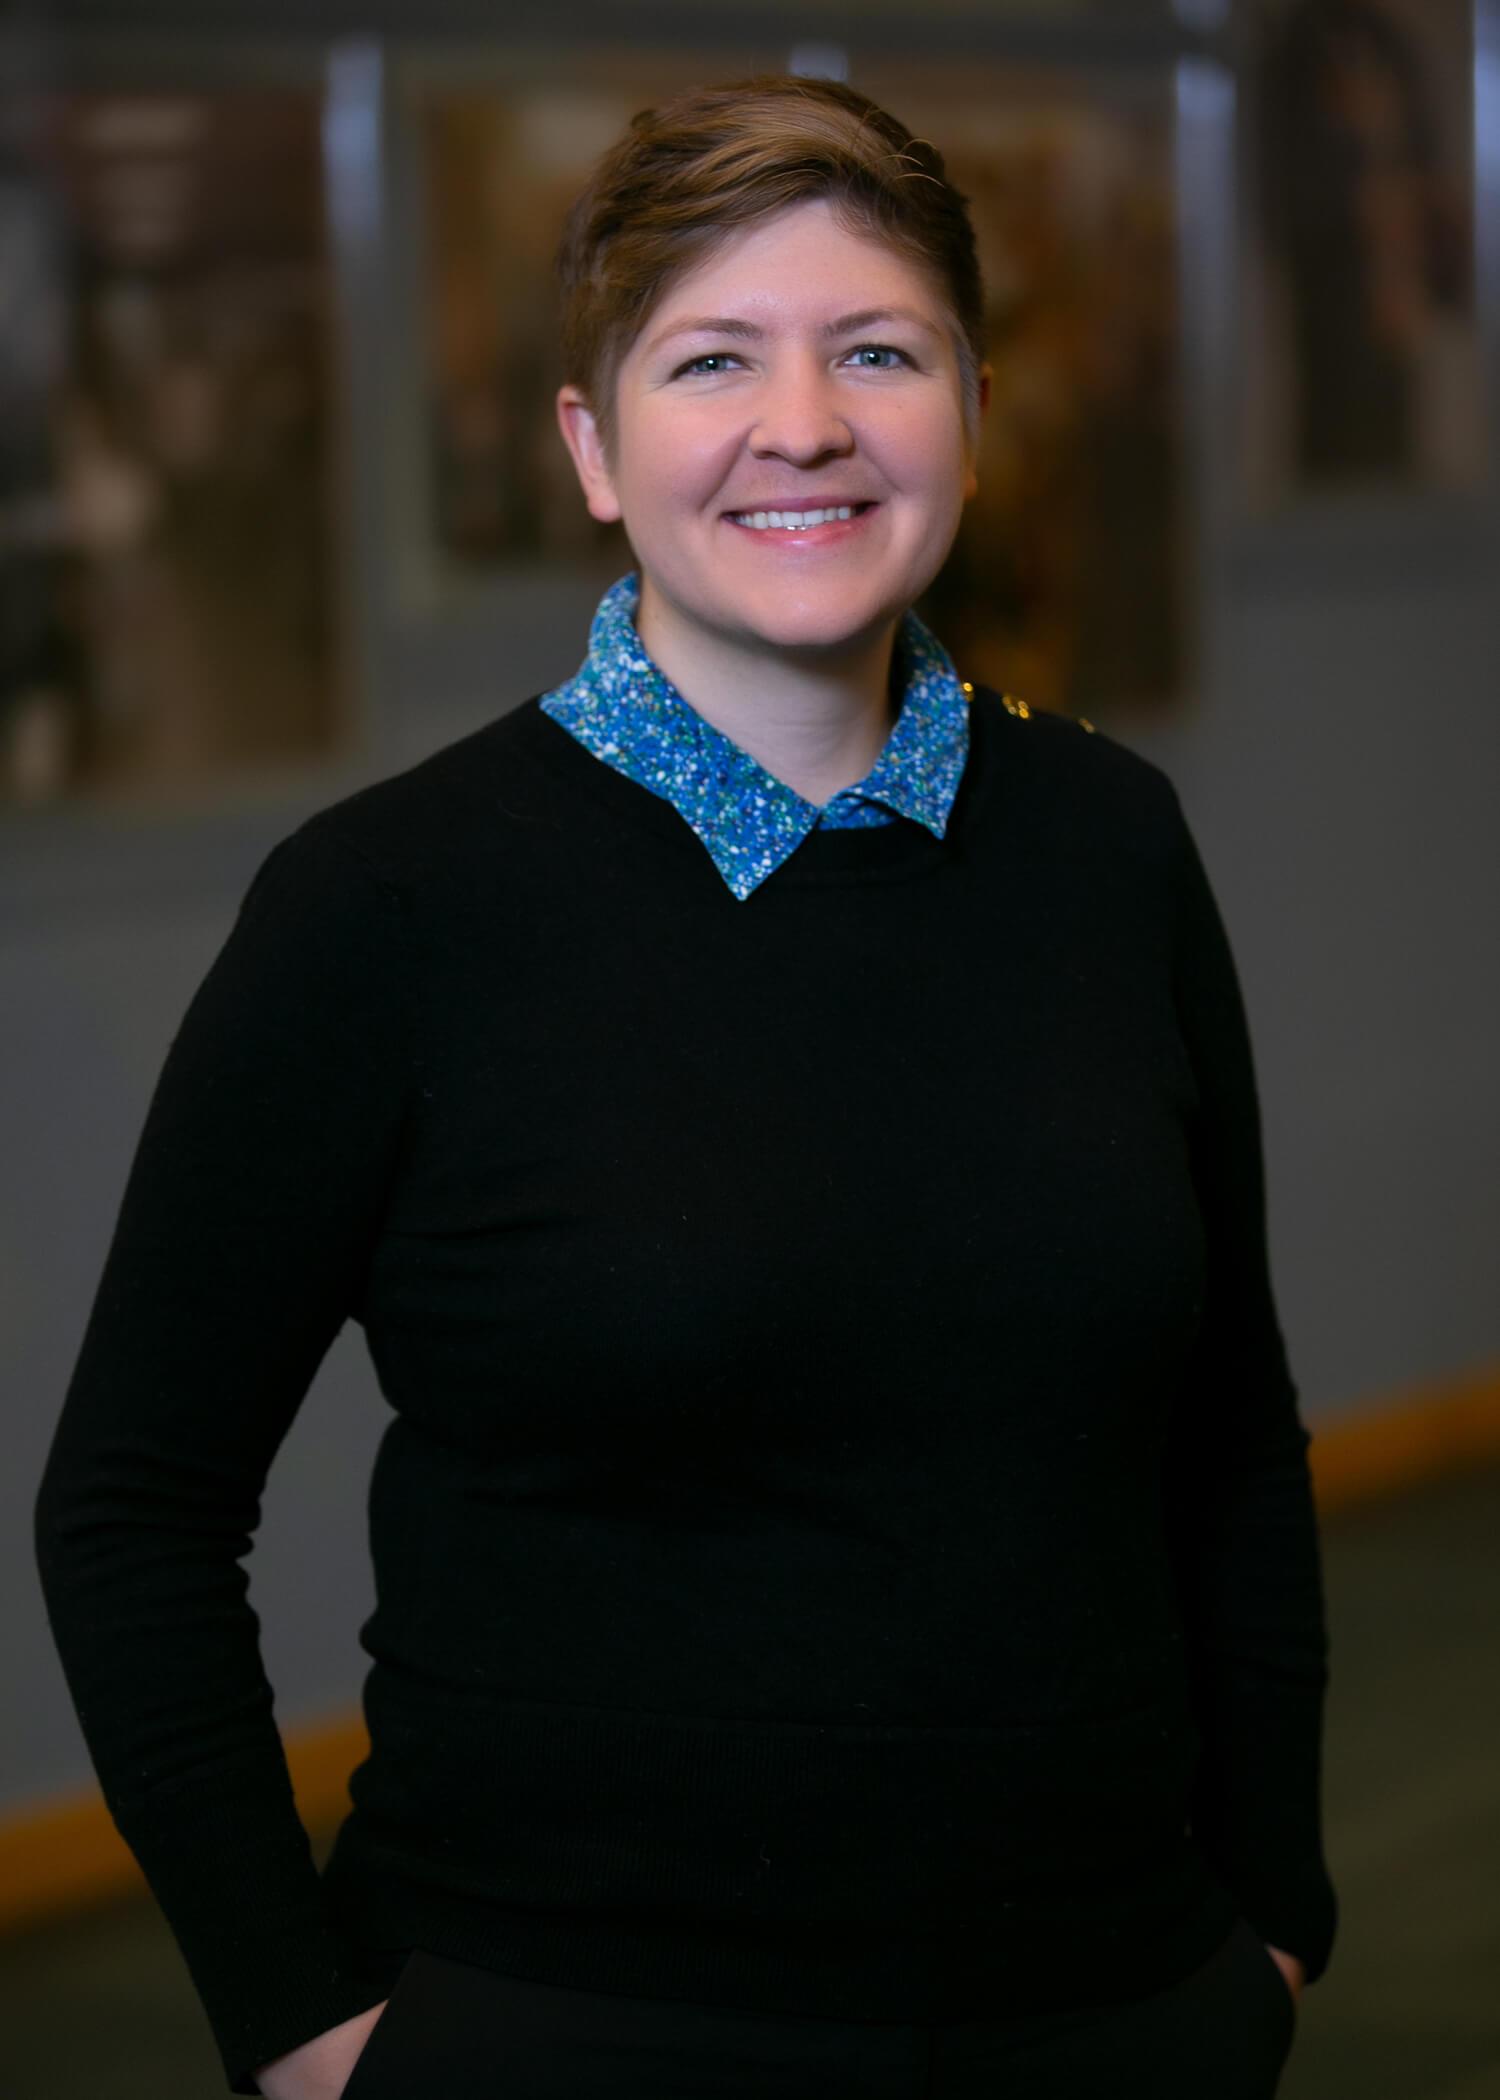 Laura Merryfield